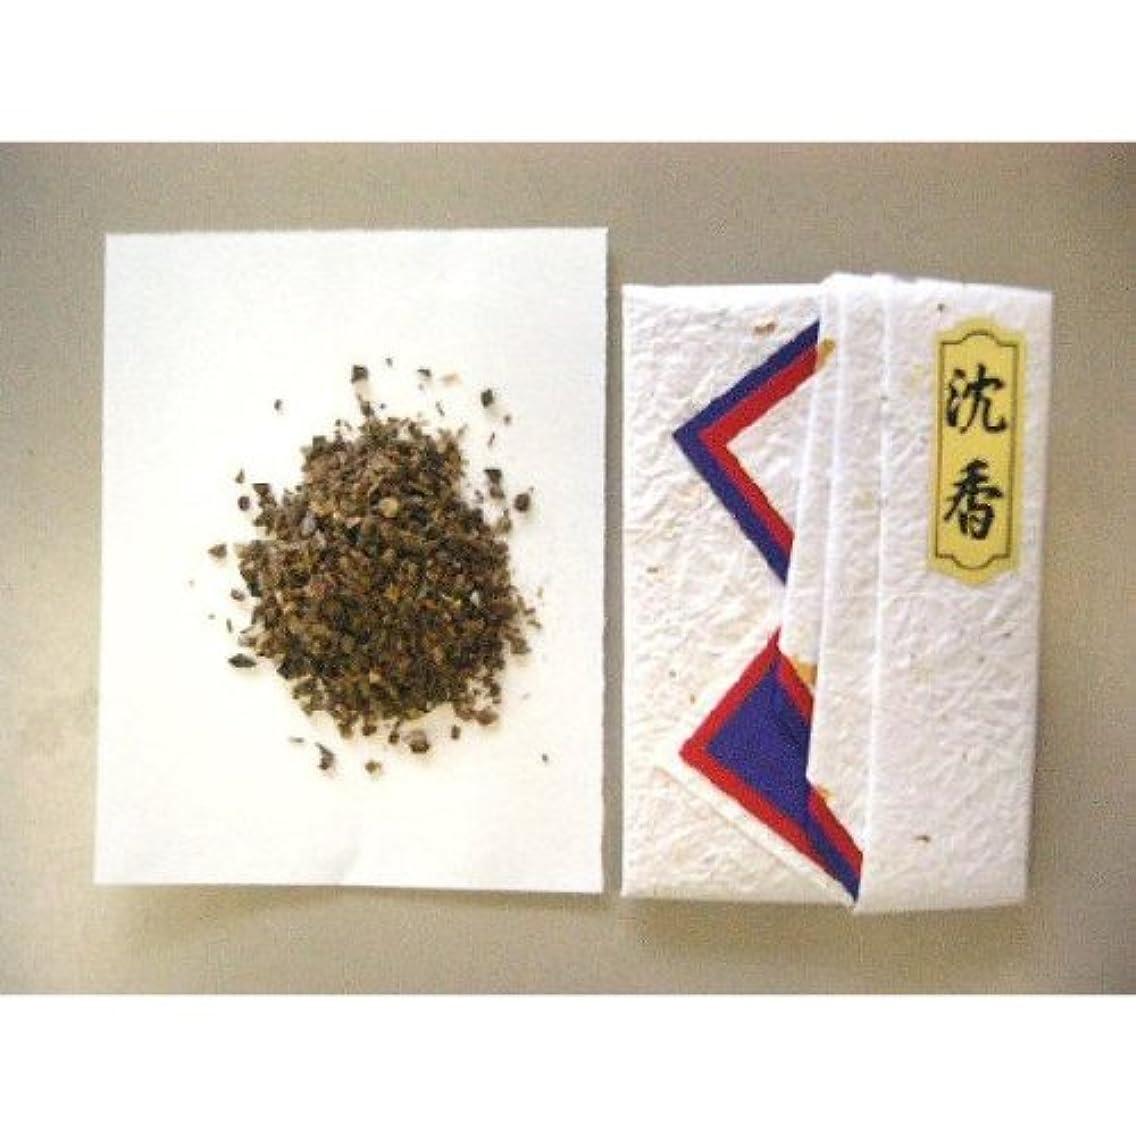 モネスイス人つづりインドネシア産タニ沈香(刻)10gタトー紙入り